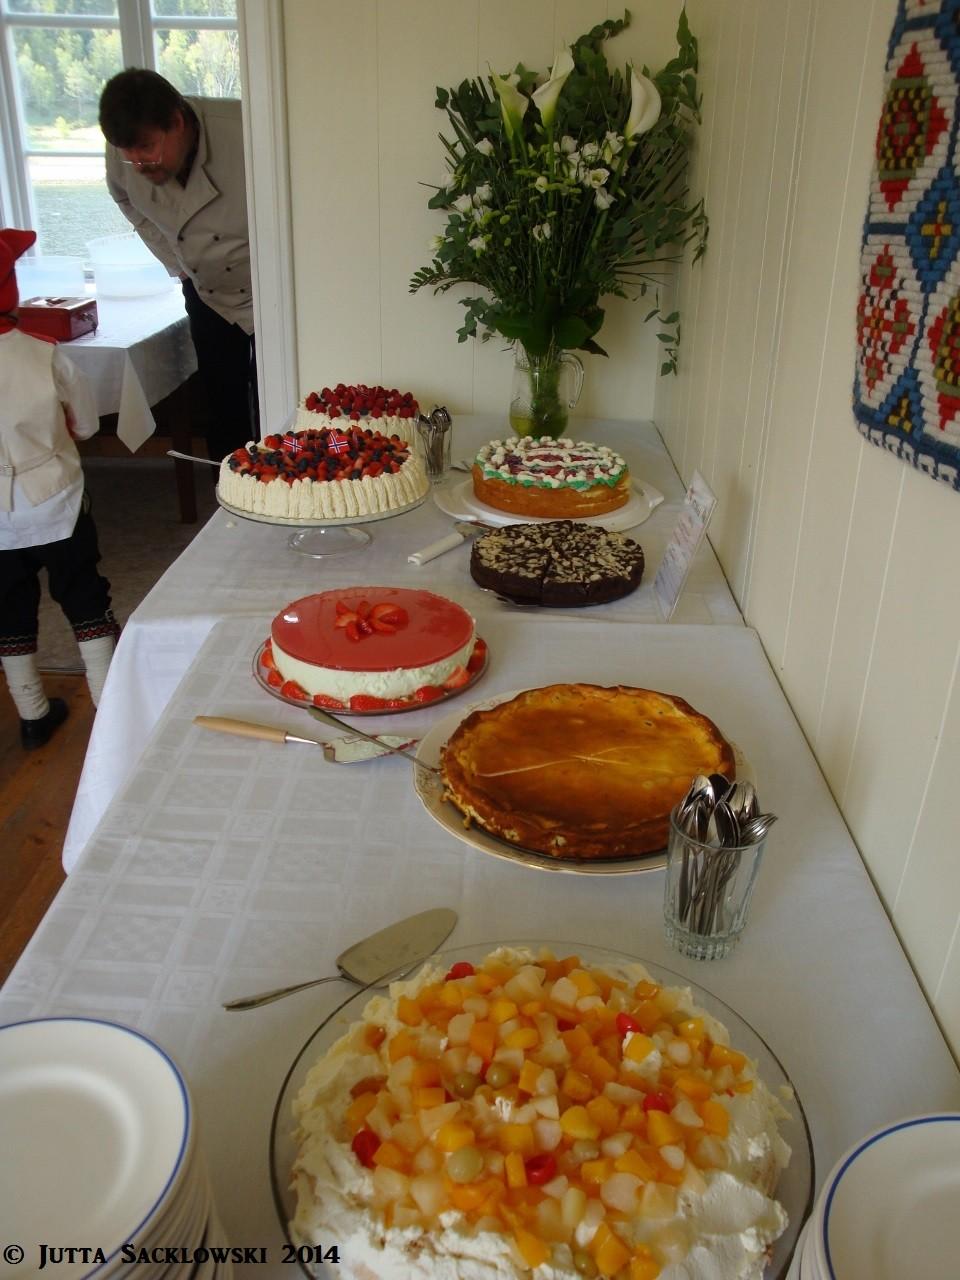 Kuchenbüffet - alle haben gebacken